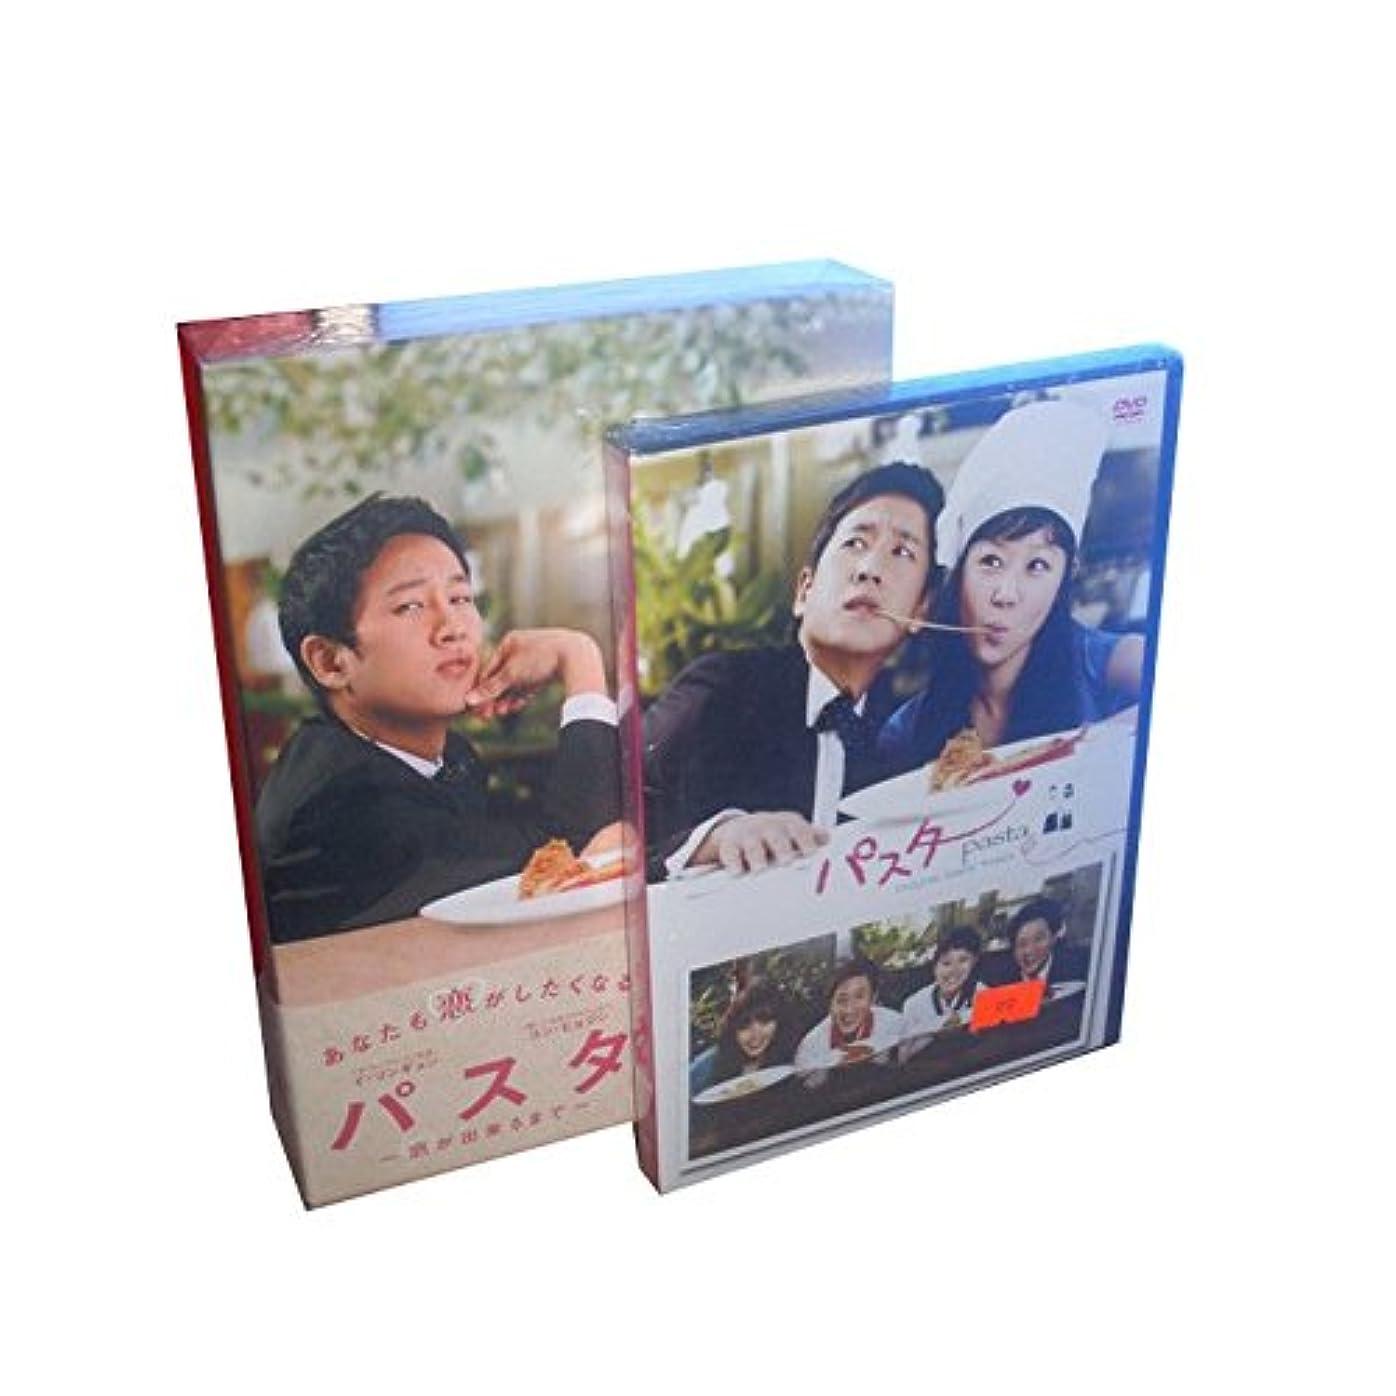 与える航海の北米パスタ ~恋が出来るまで~ BOXI+II+OST BOX*2 2015 主演: コン?ヒョジン